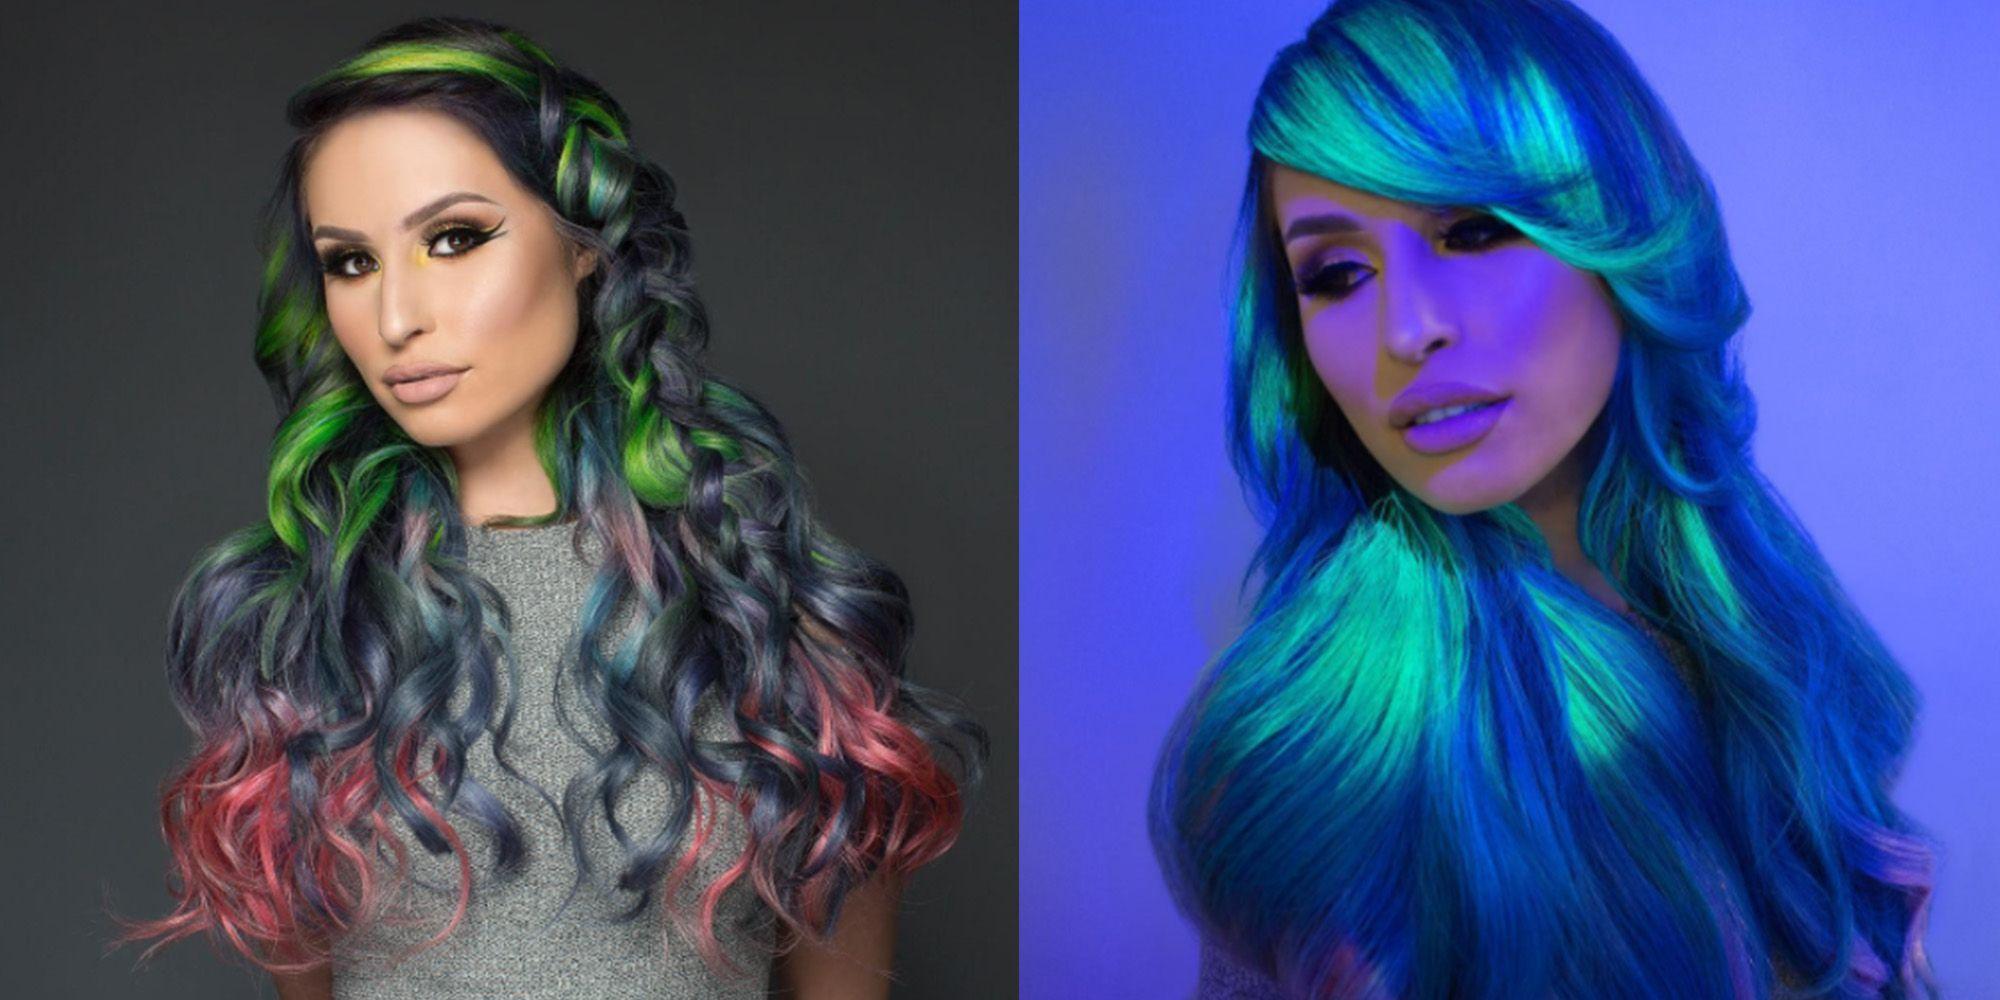 LiteBritehair  il nuovo trend dei capelli colorati in versione rainbow e  fluo a643da7ff7a2